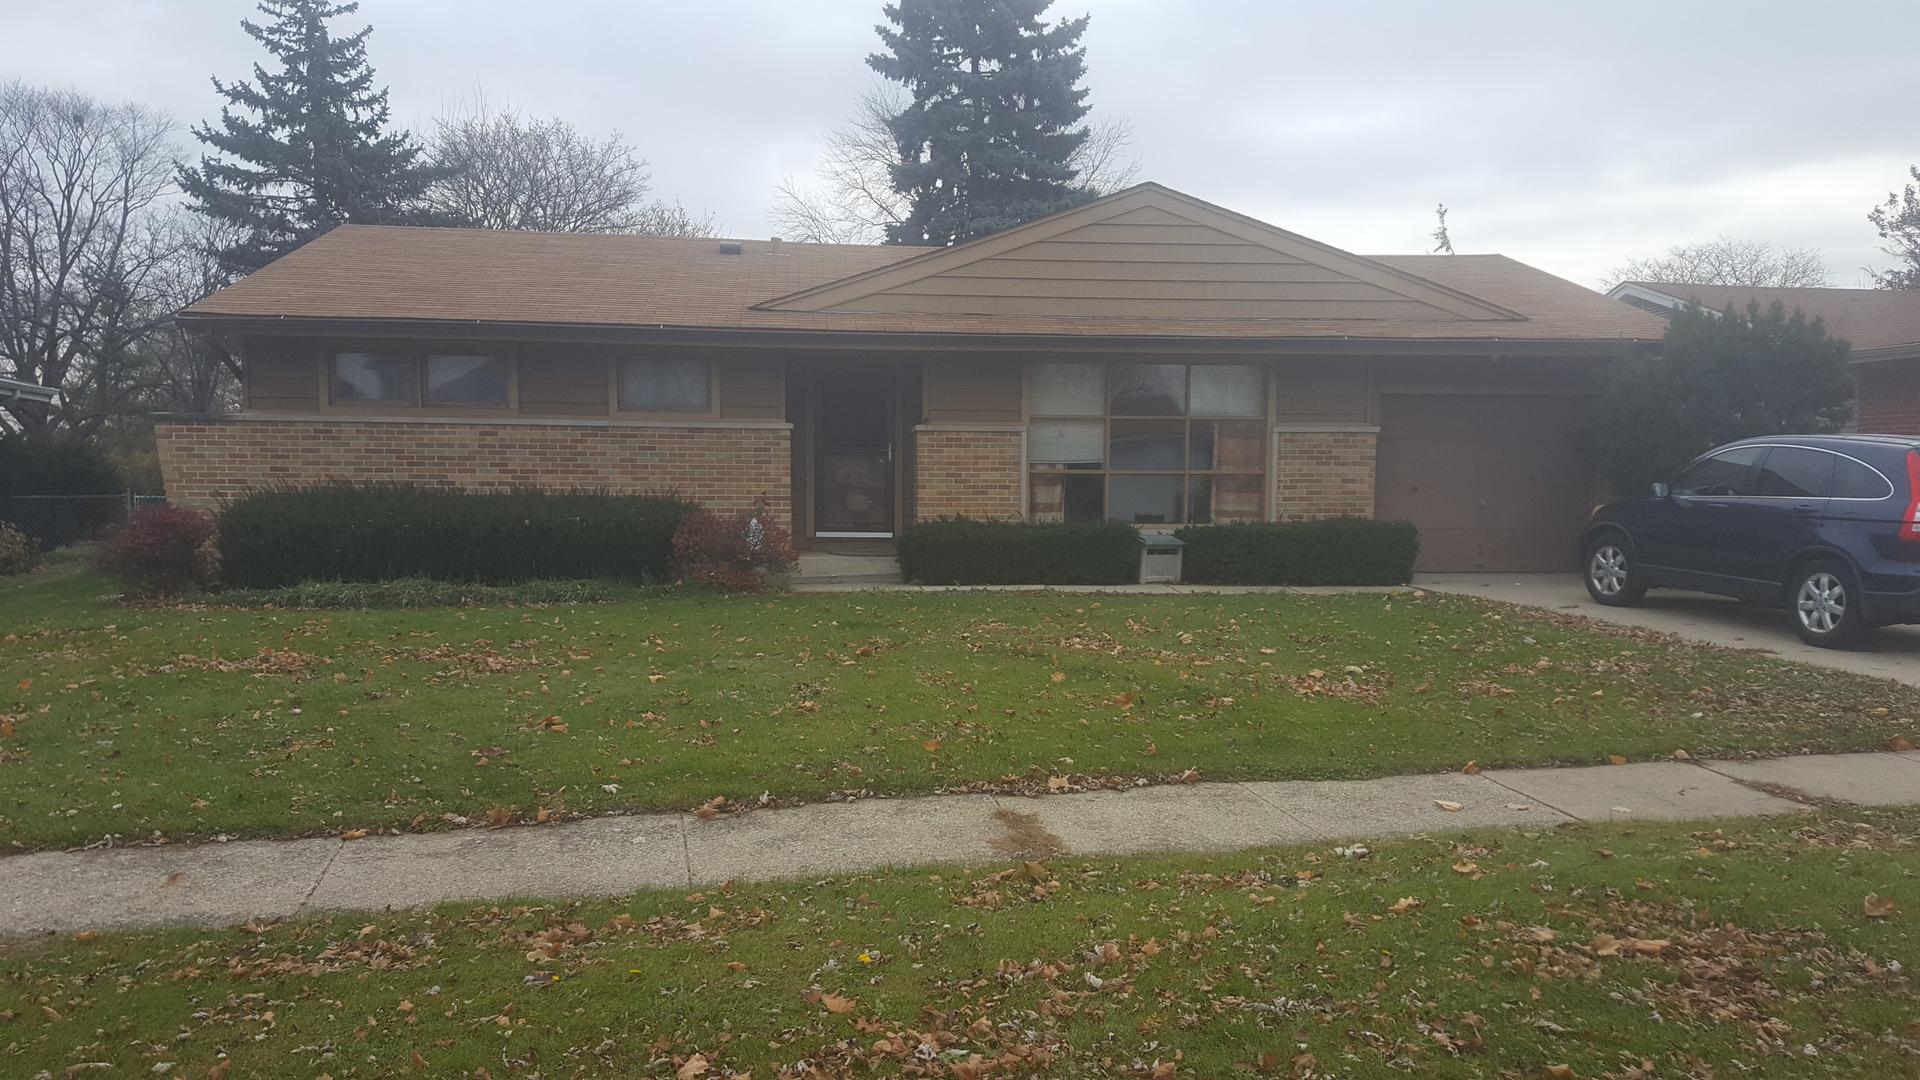 7 Ridgewood Road, Elk Grove Village, Illinois